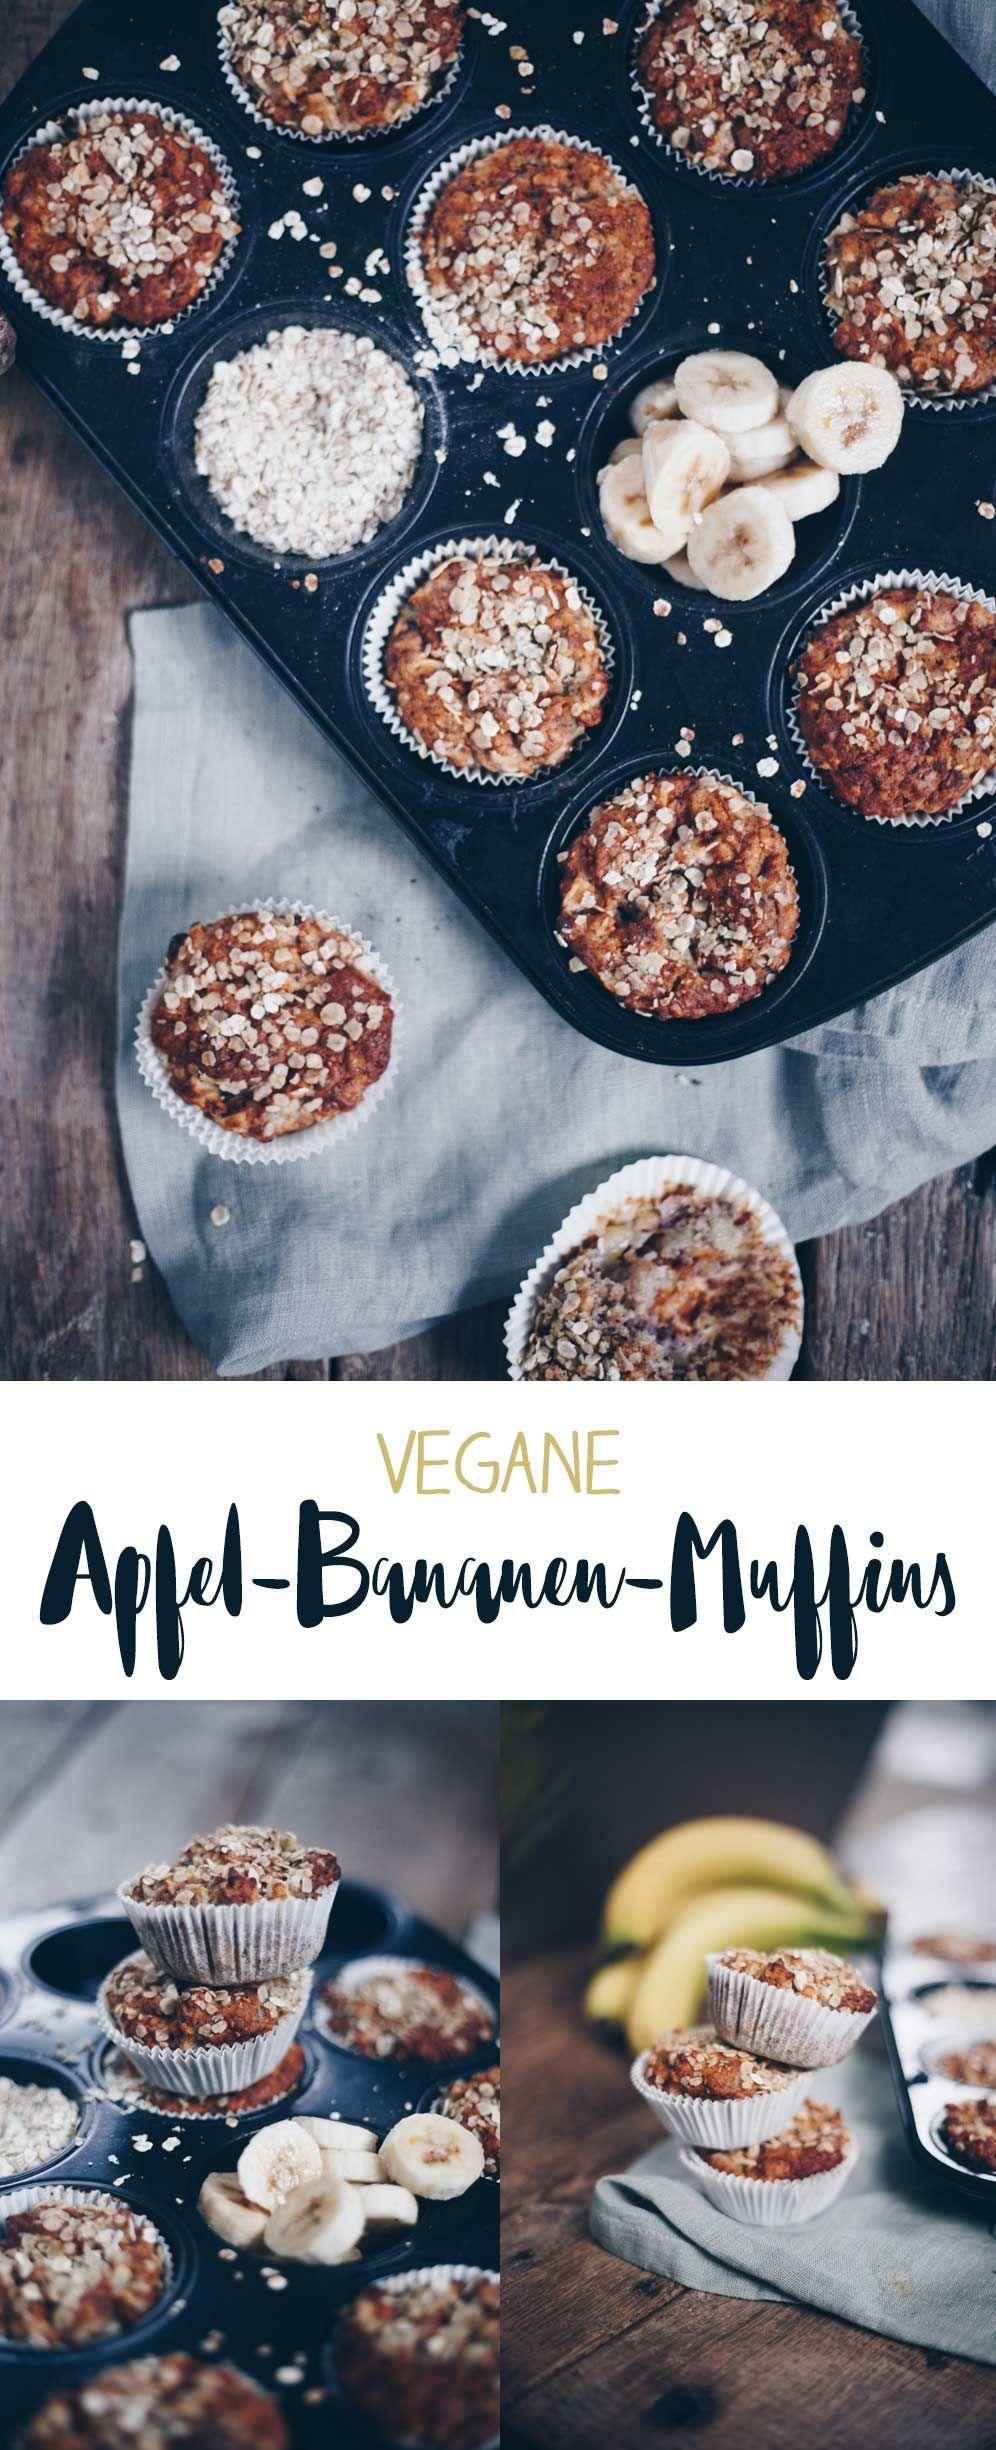 Vegane Apfel-Bananen-Muffins - Backen für Kleinkinder